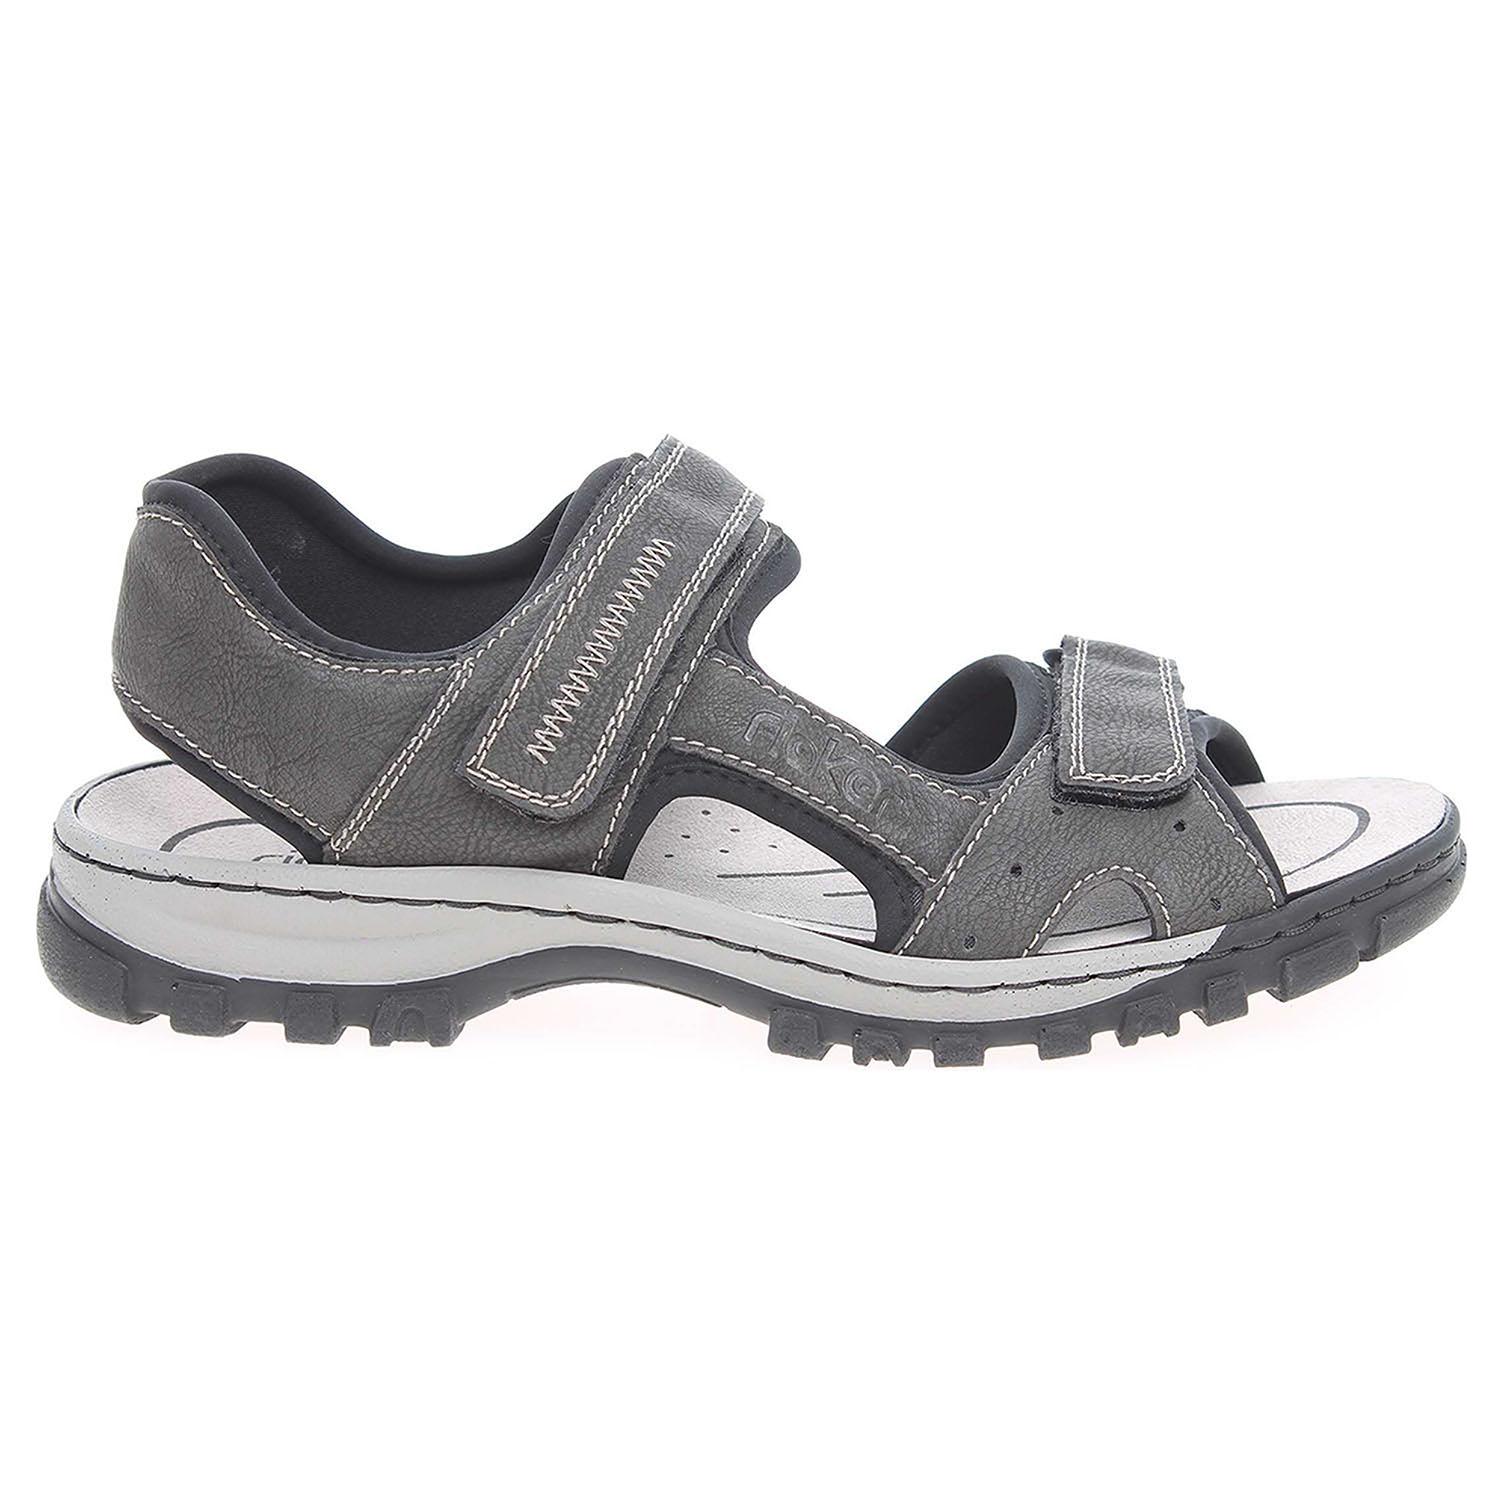 Rieker pánské sandály 25084-45 šedé 42